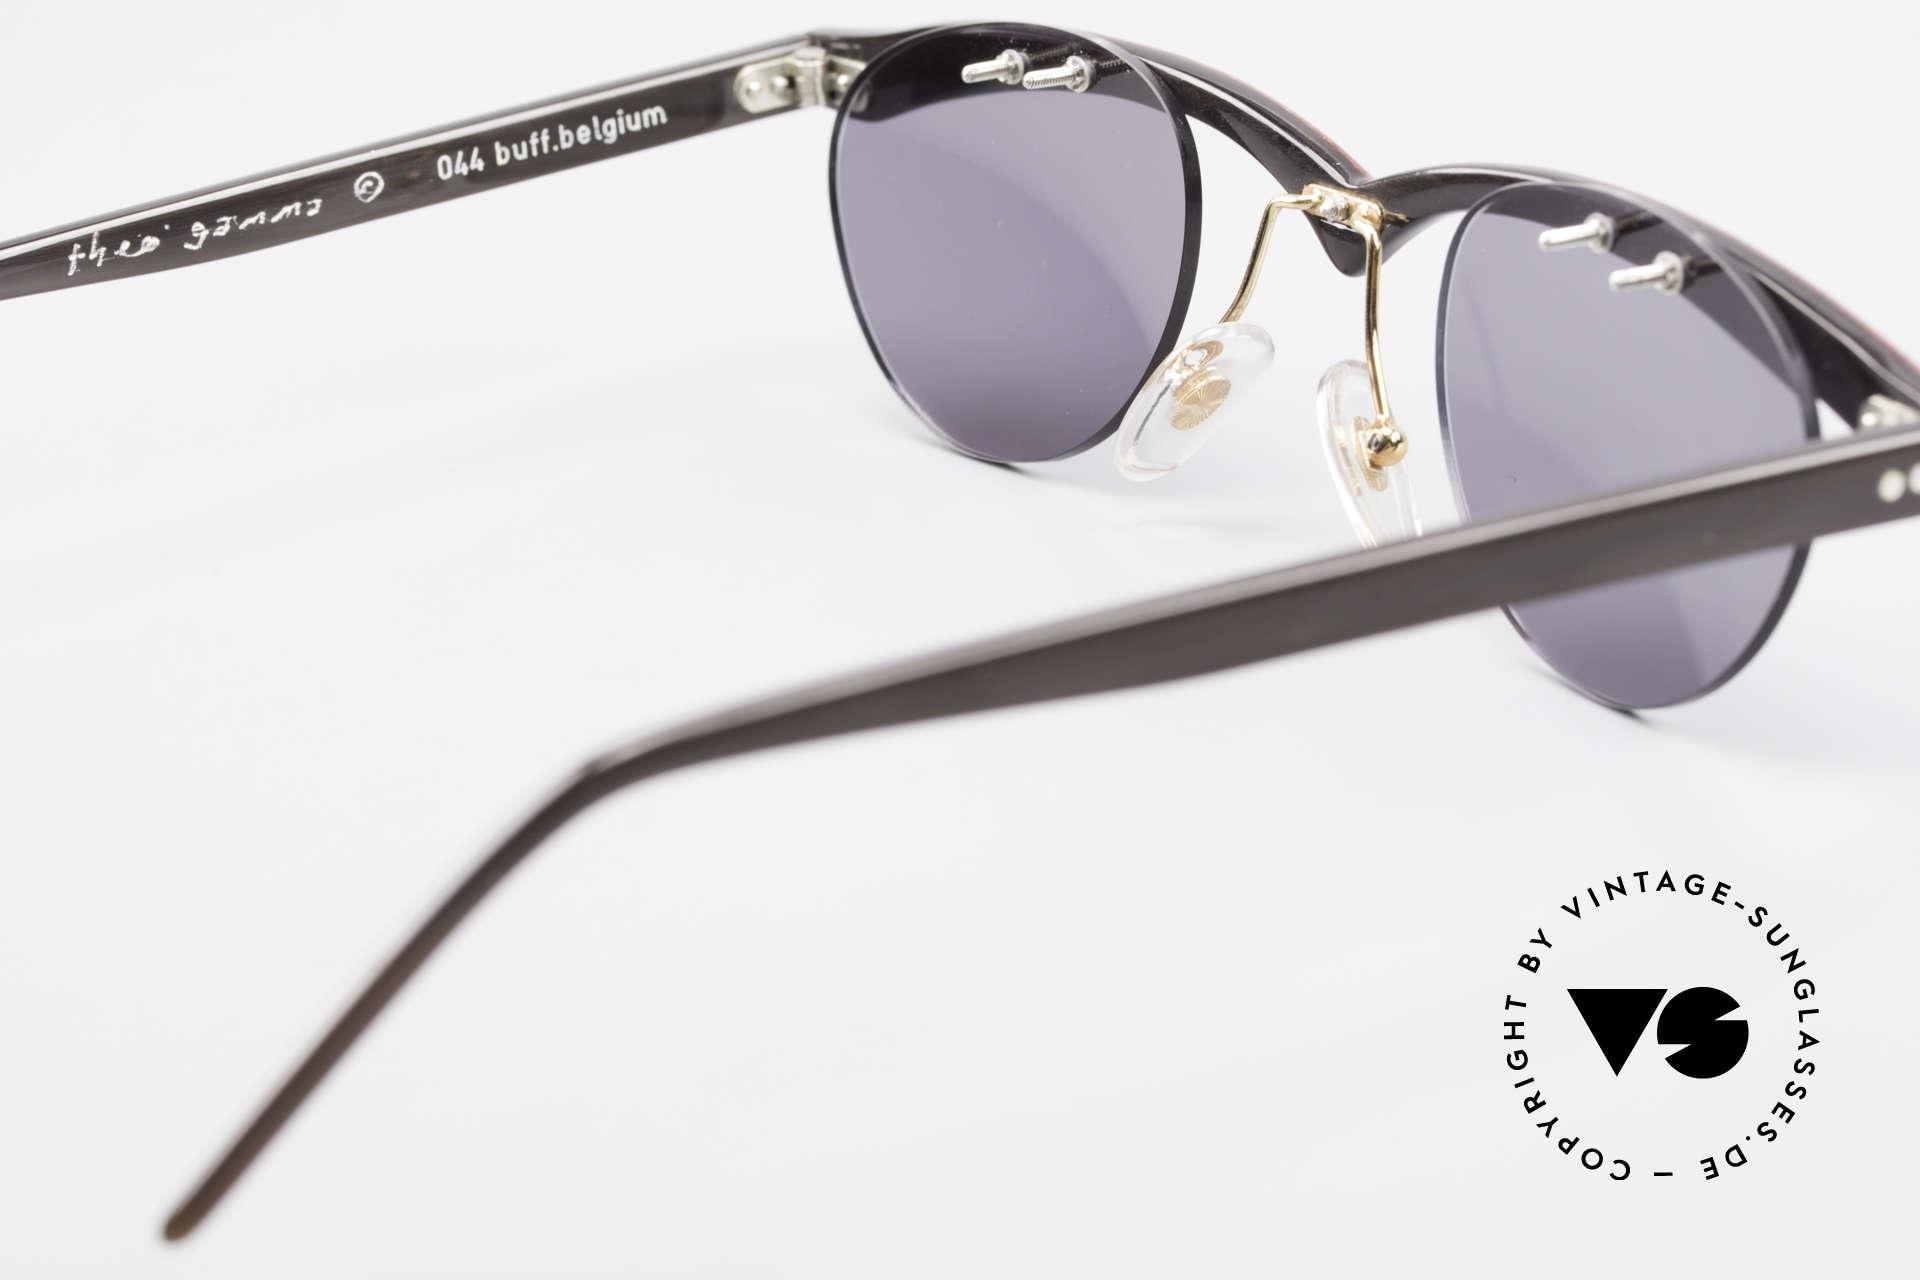 Theo Belgium Gamma Büffelhorn Sonnenbrille 90er, sozusagen: VINTAGE Sonnenbrille mit Symbol-Charakter, Passend für Herren und Damen